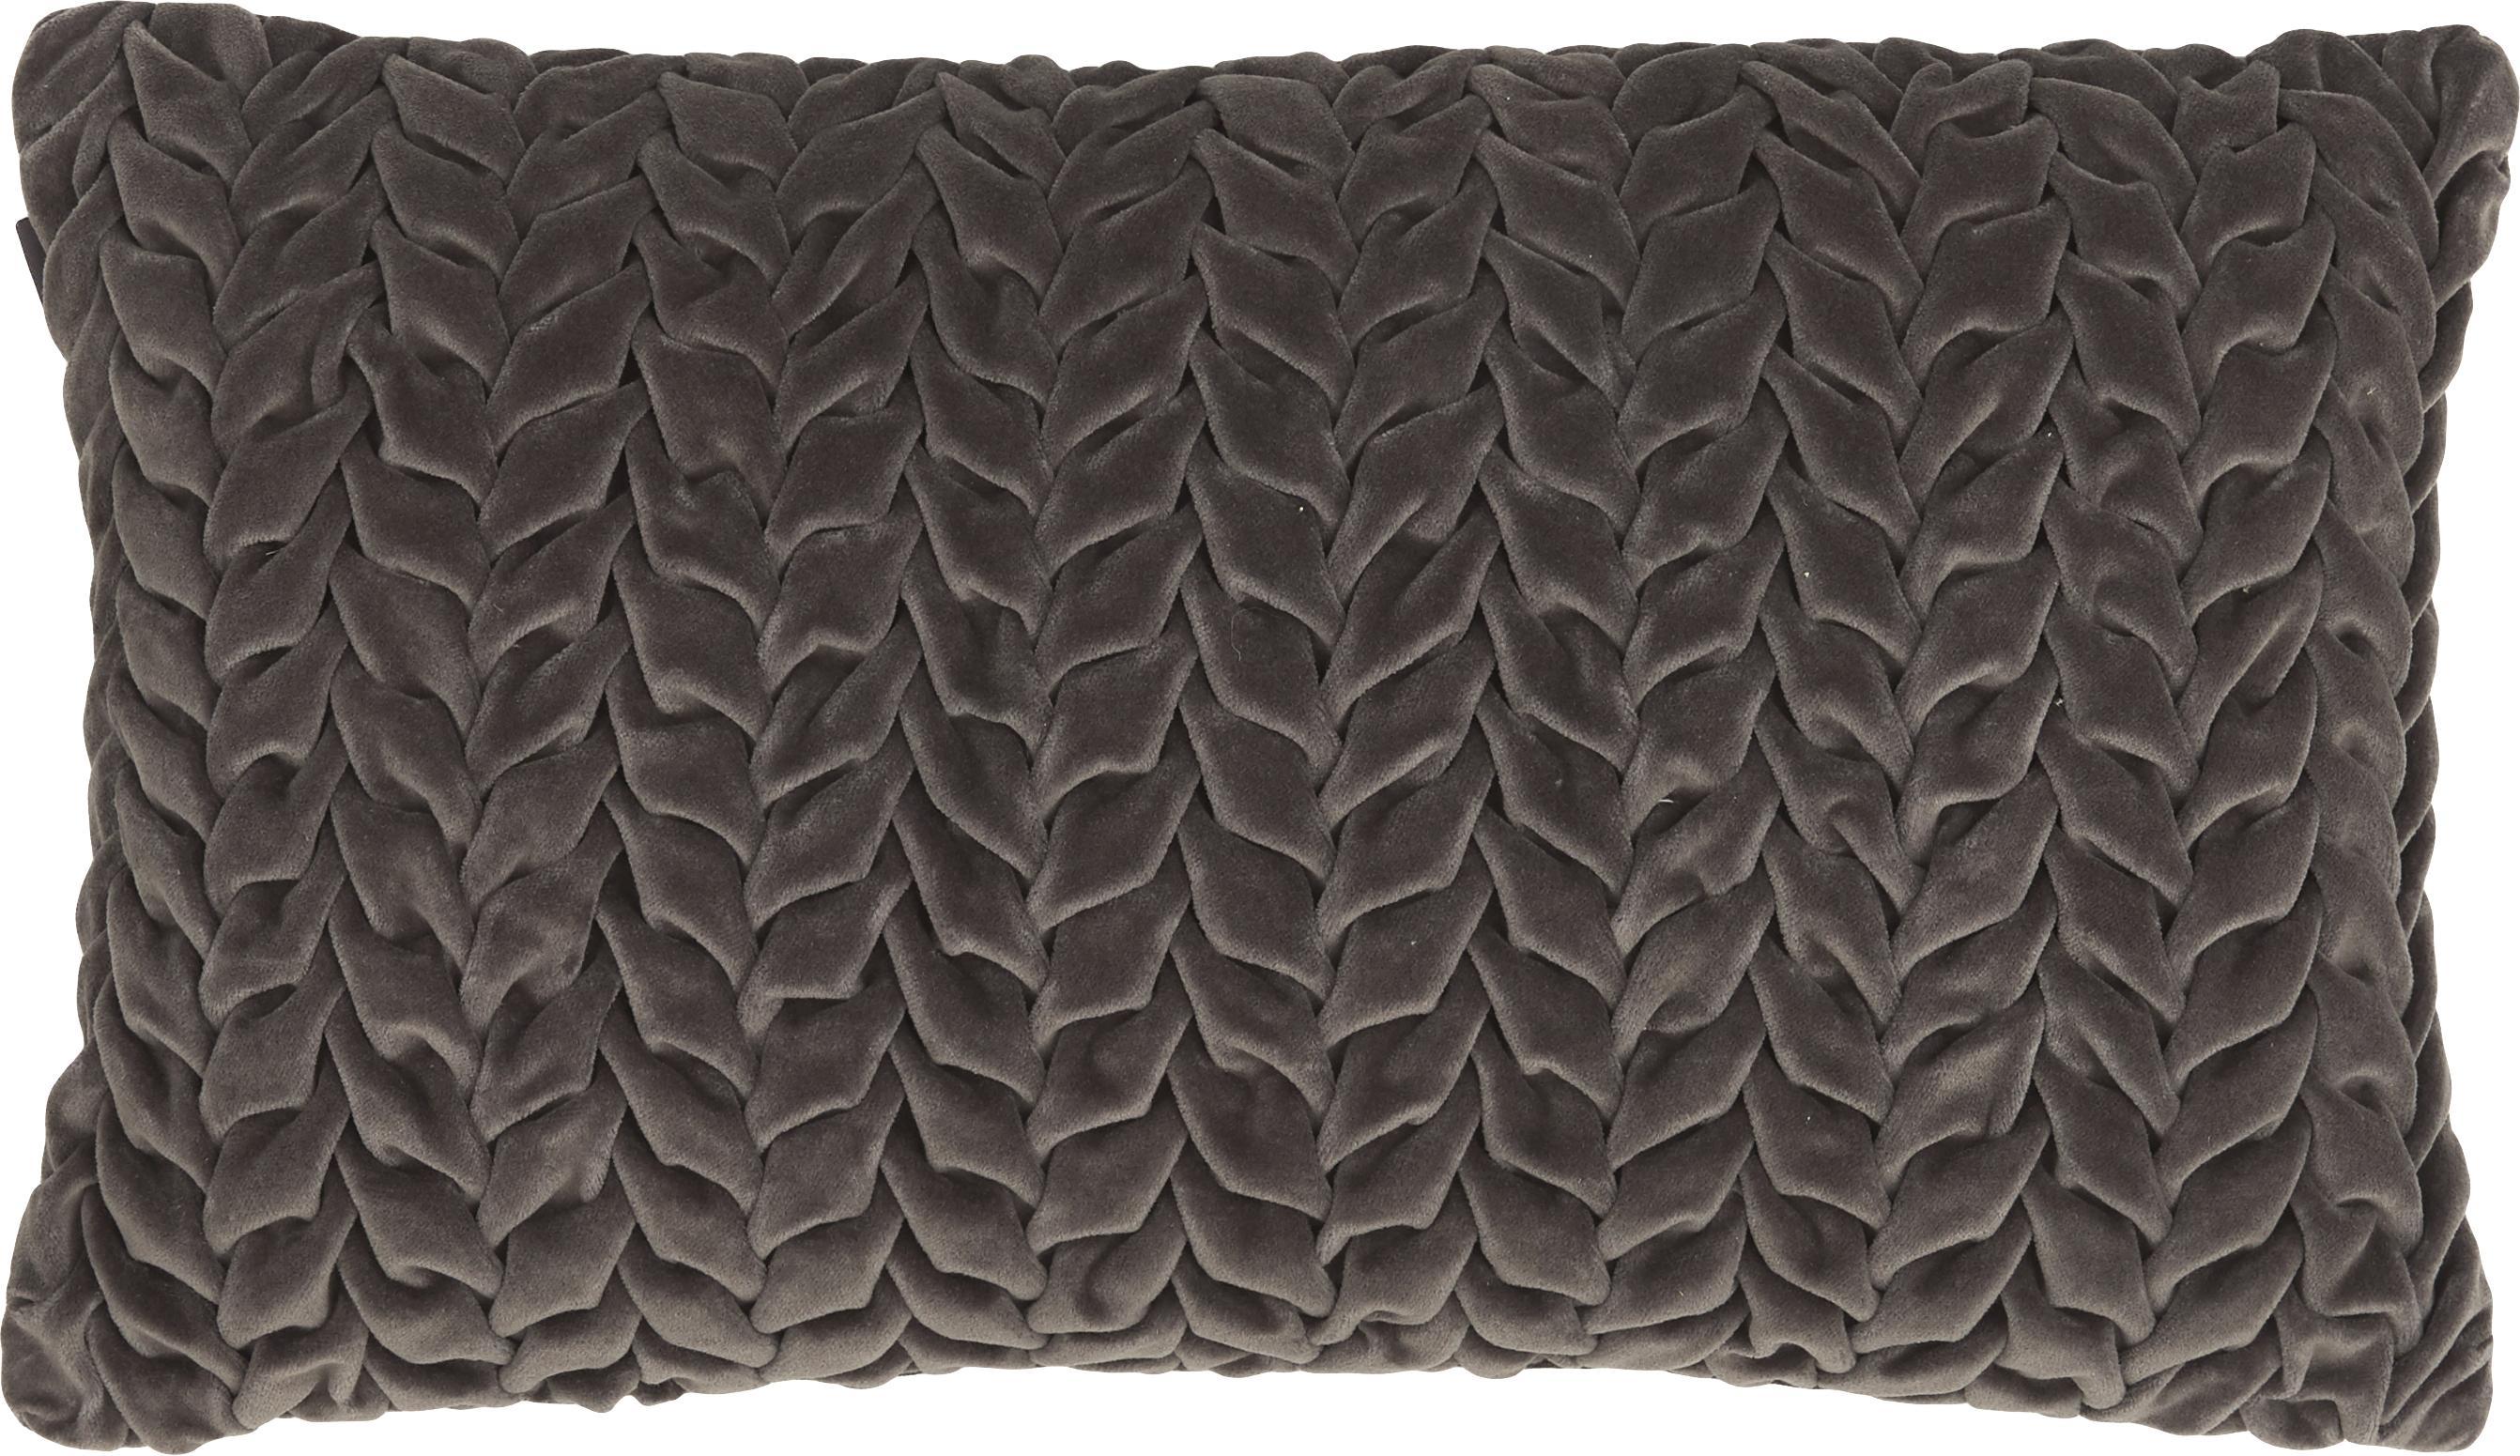 Fluwelen kussen Smock met geribbeld oppervlak, met vulling, Bekleding: 100% katoenfluweel, Grijs, 30 x 50 cm